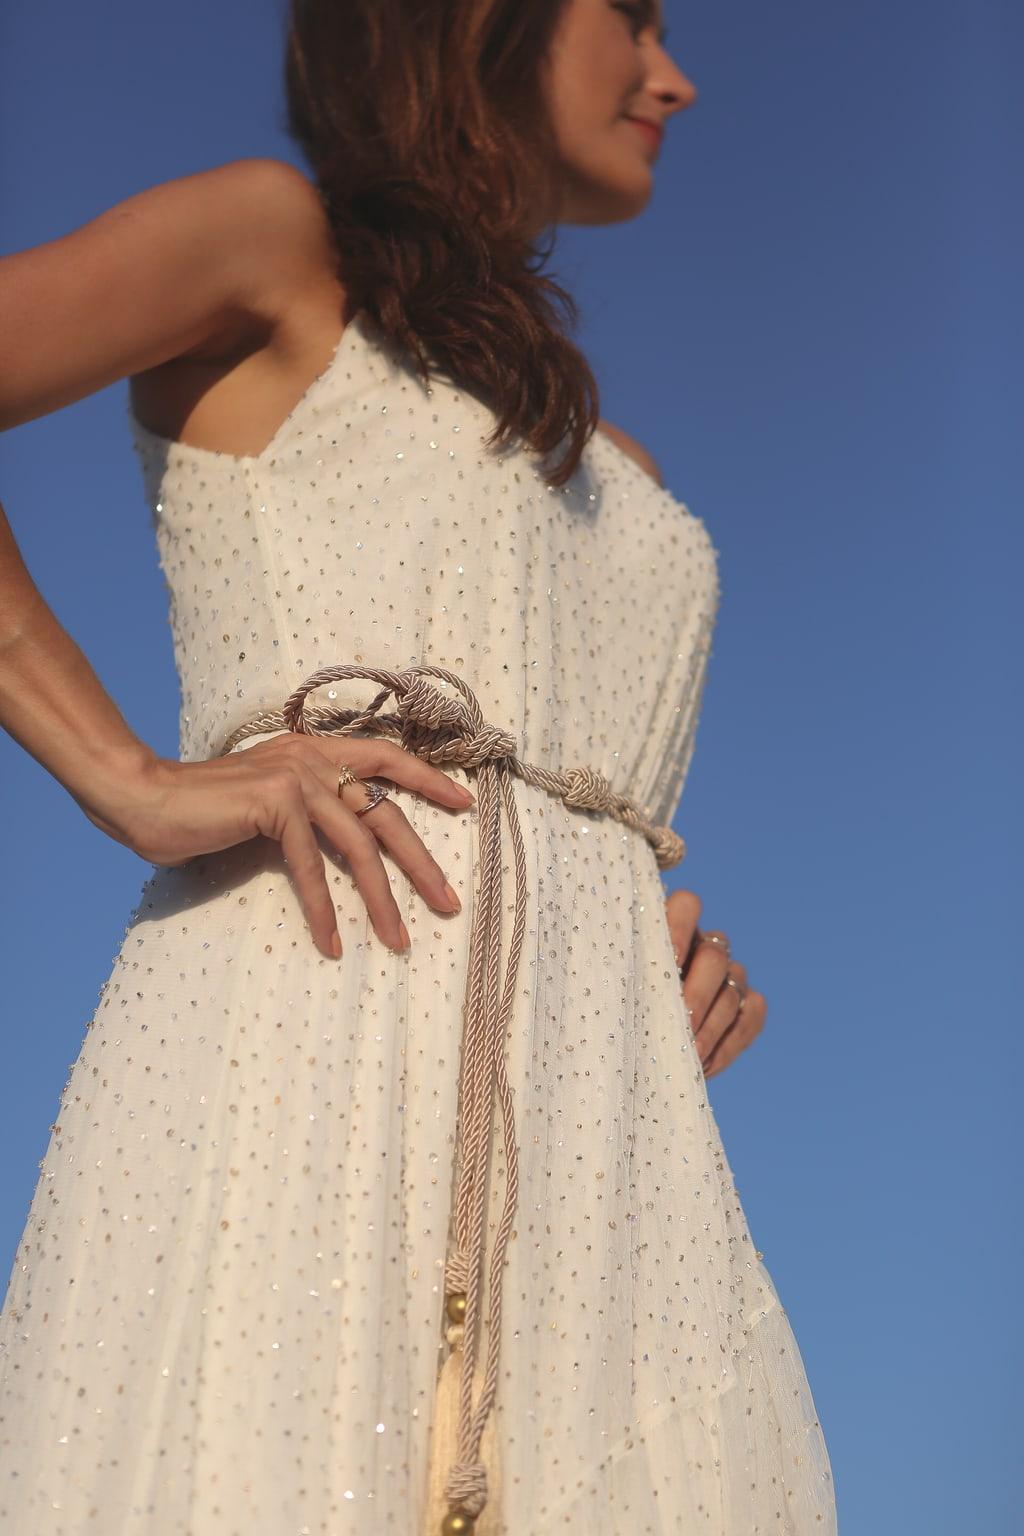 vestidos-ano-novo-reveillon-vestido-de-festa-julia-golldenzon-59